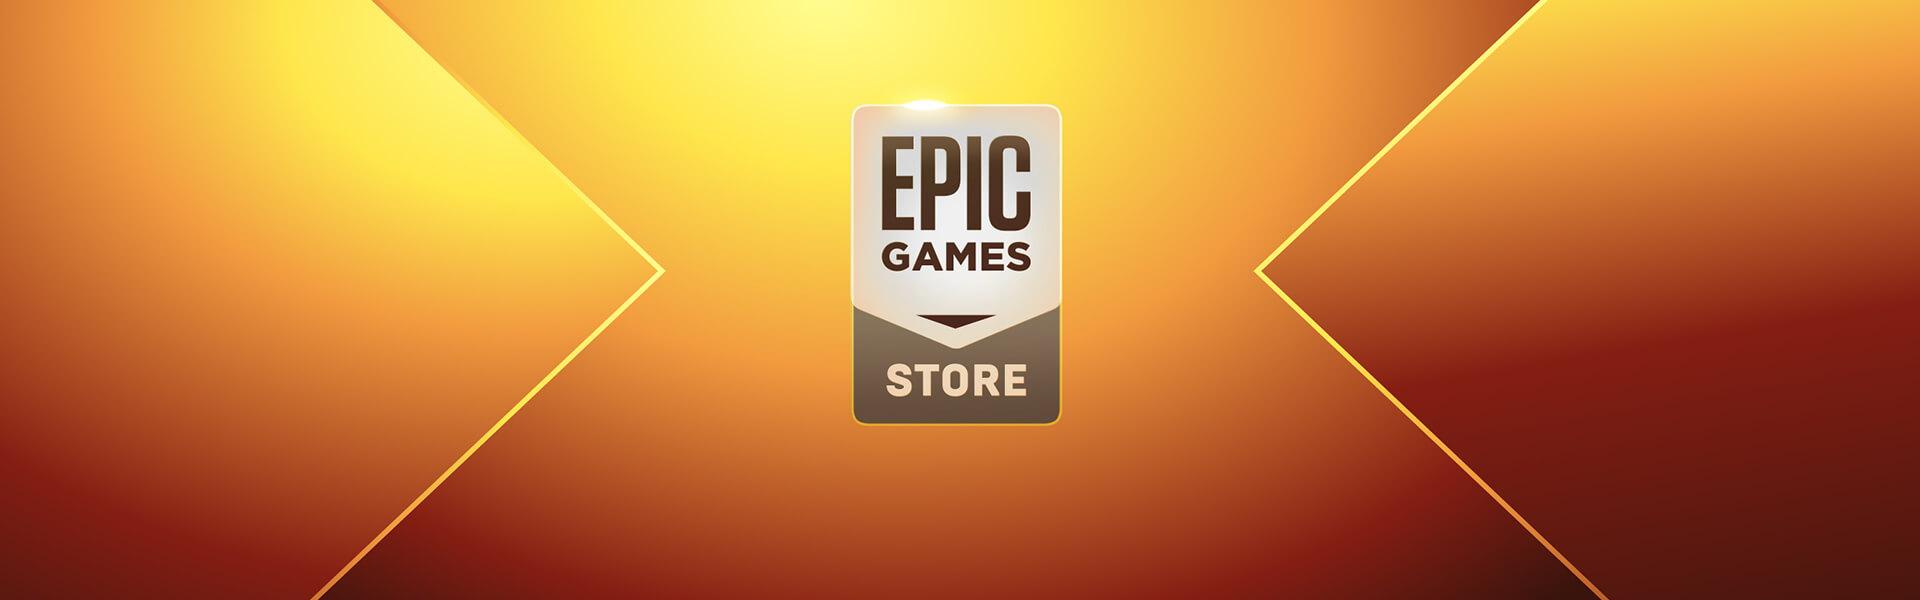 Epic Games Haftanın Ücretsiz Oyununu Değiştirdi